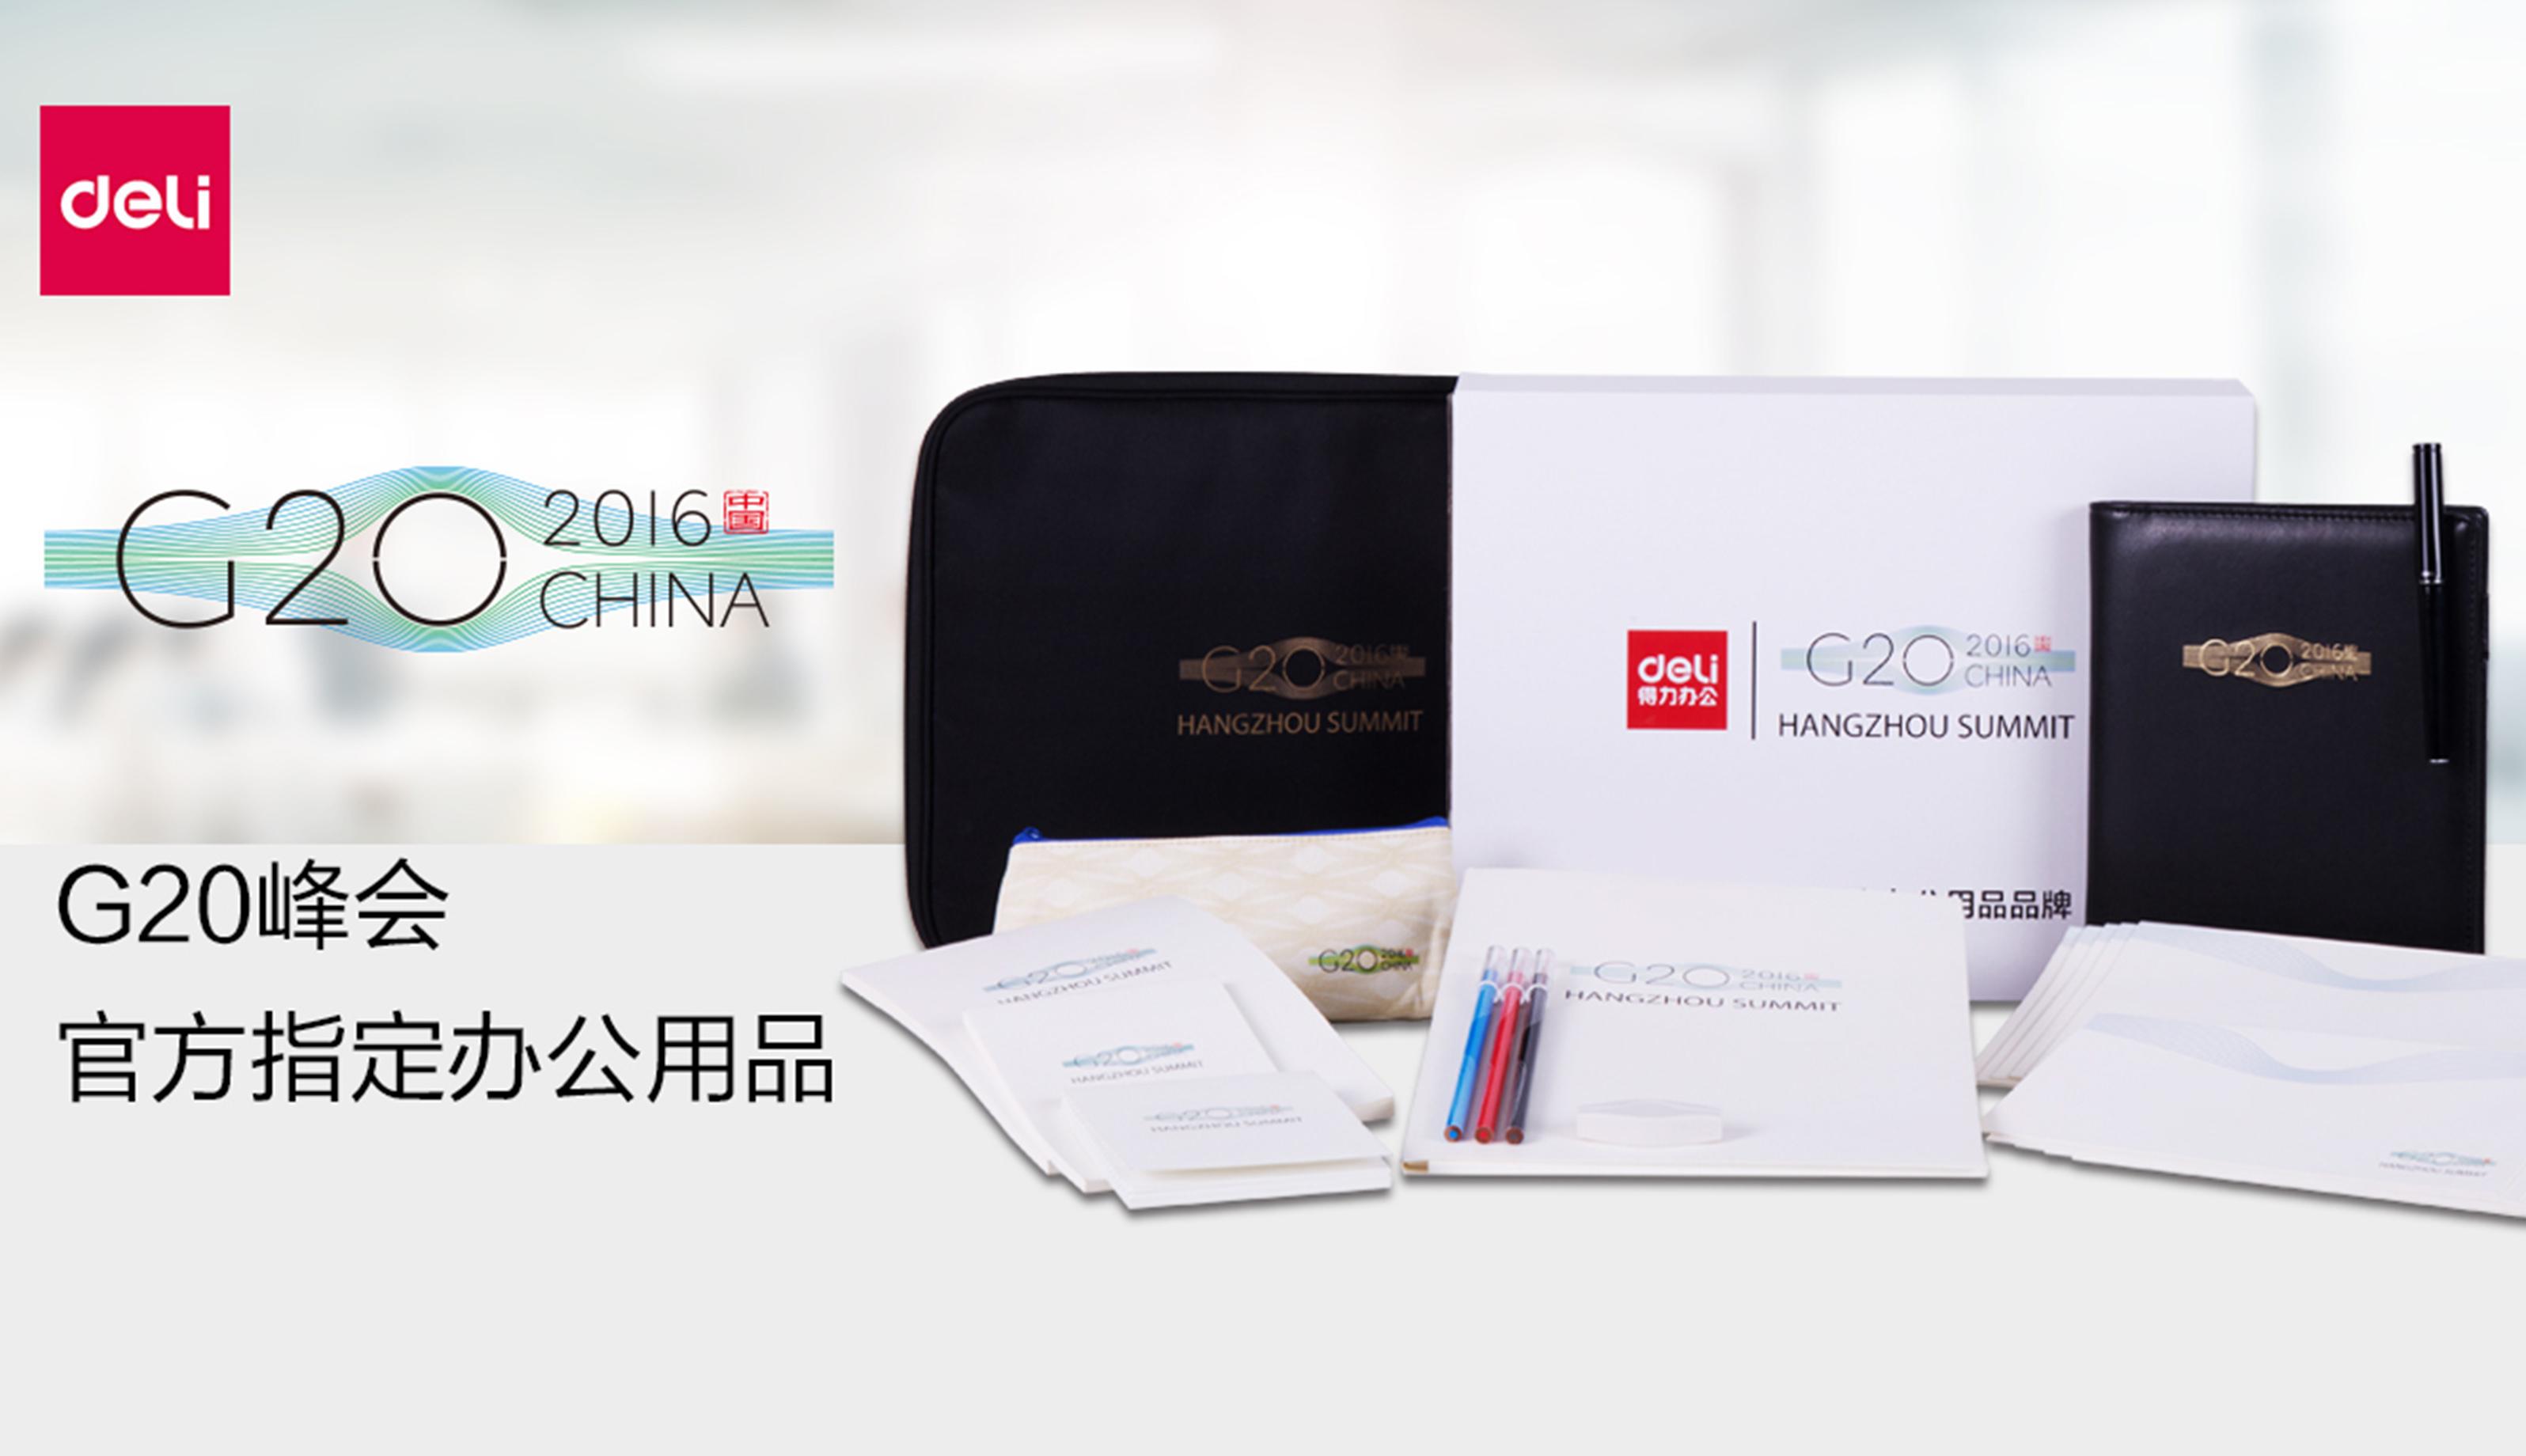 G20峰会定制案例